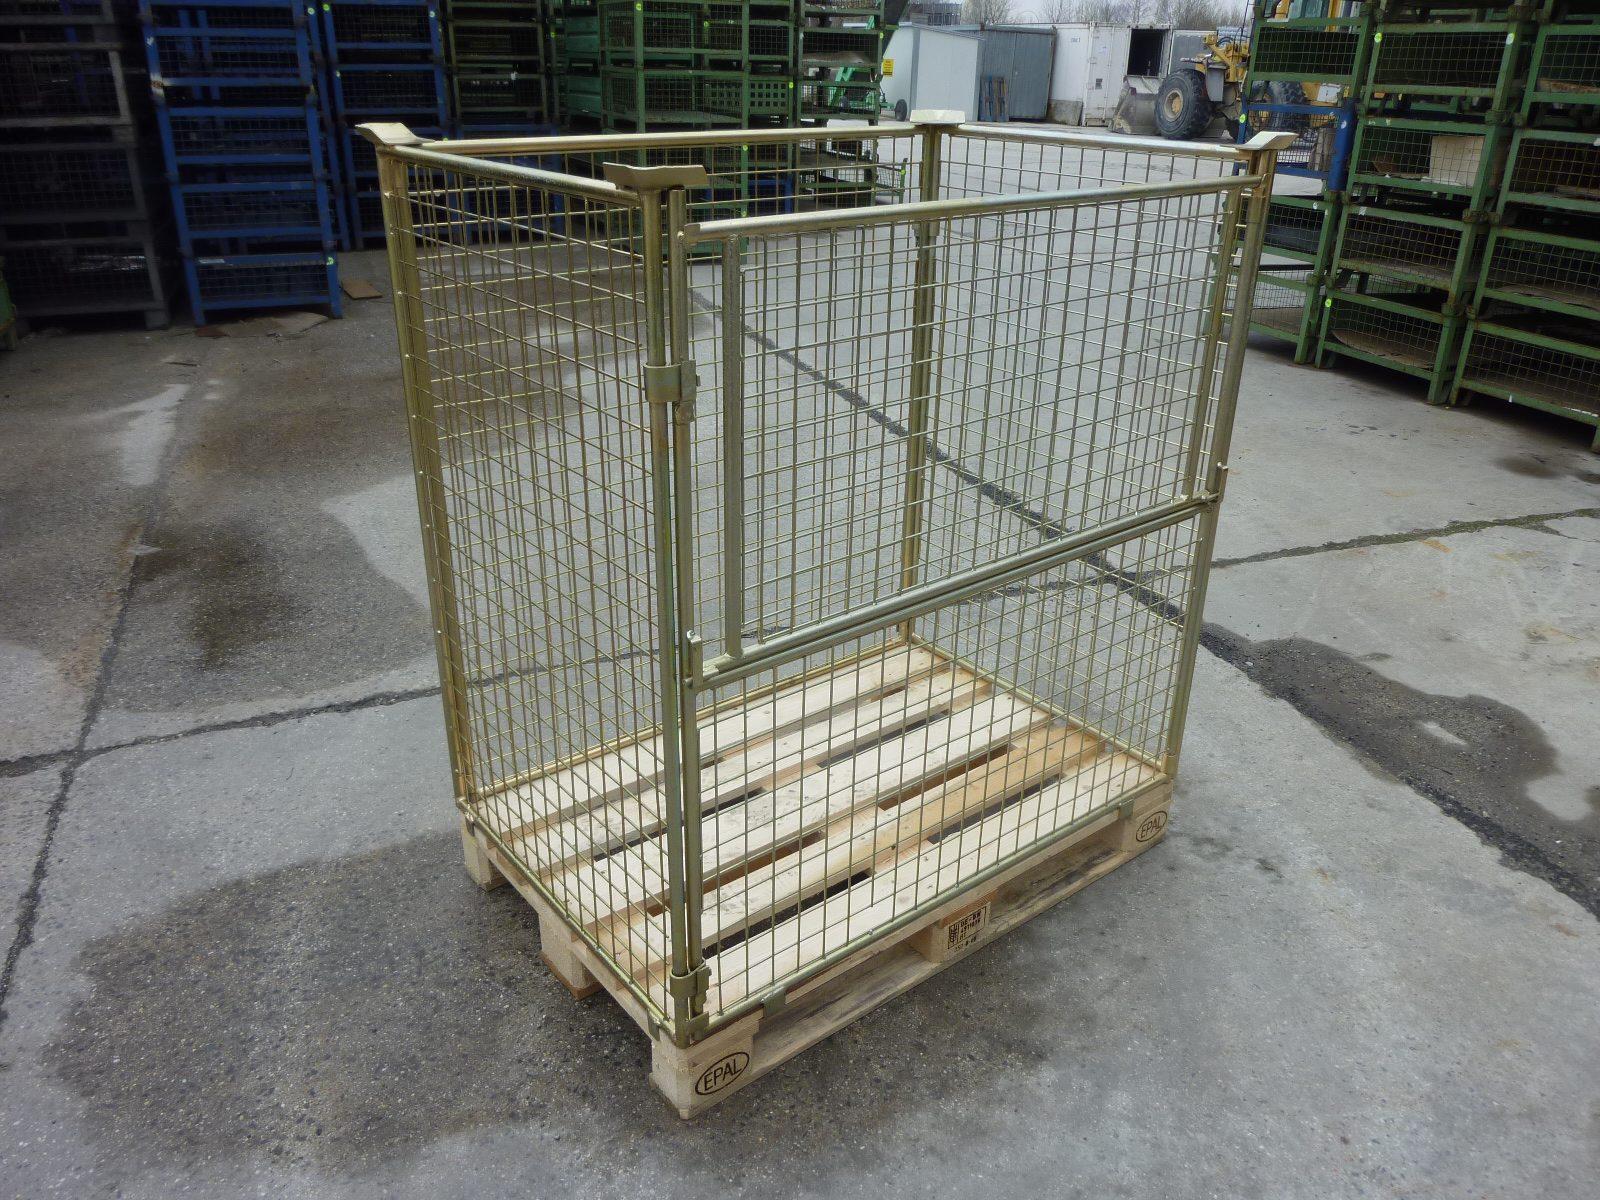 Gitteraufsatzrahmen EUM-H120-gvz, neu-0